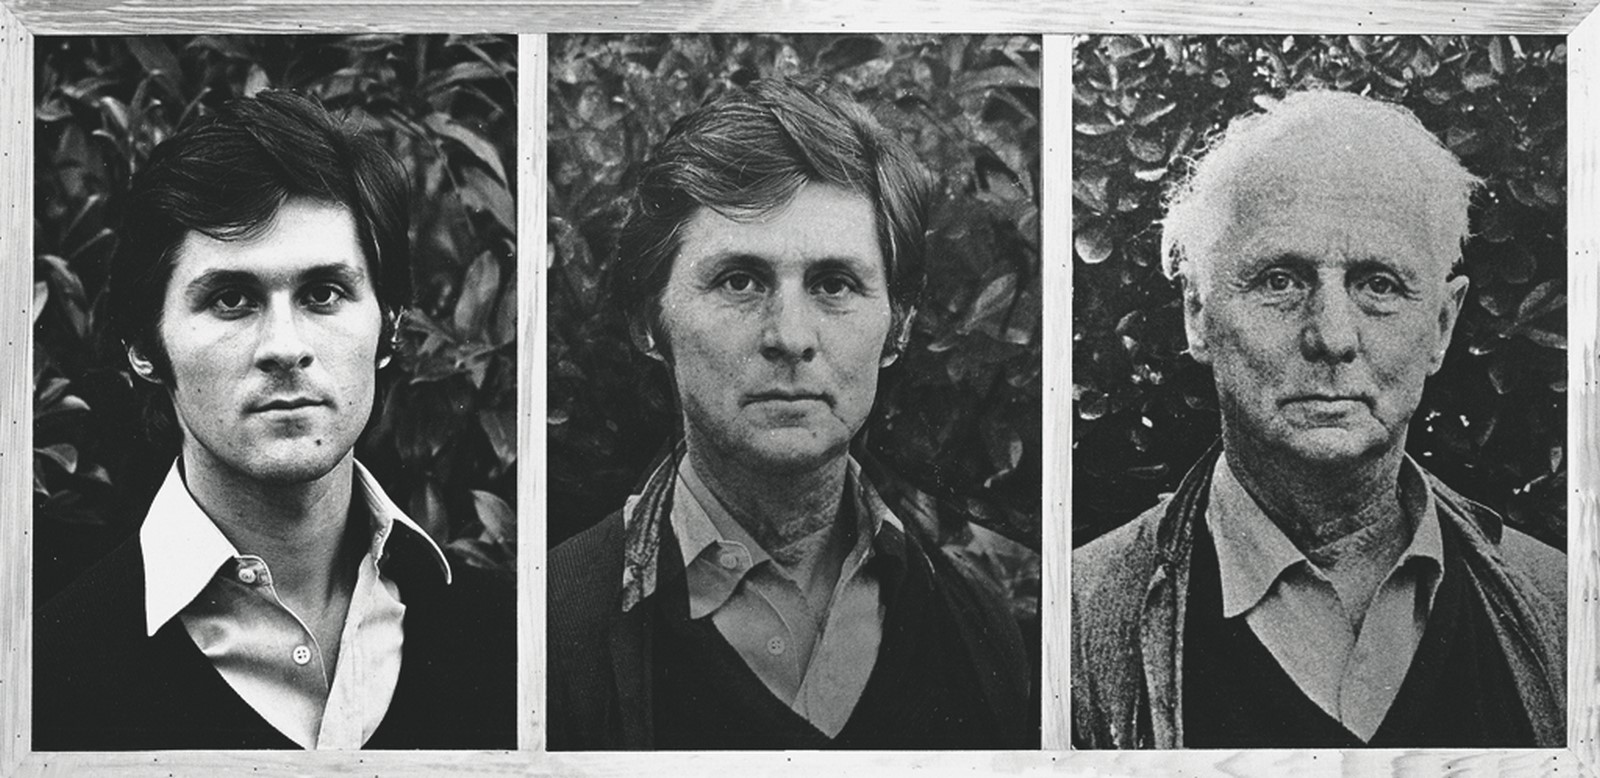 Marcello Jori, Contaminazione: Jori-Ernst, 1974, fotografia in bianco e nero su tavola, 76 x 160,5 cm, courtesy Giovanni Bordino, Torino